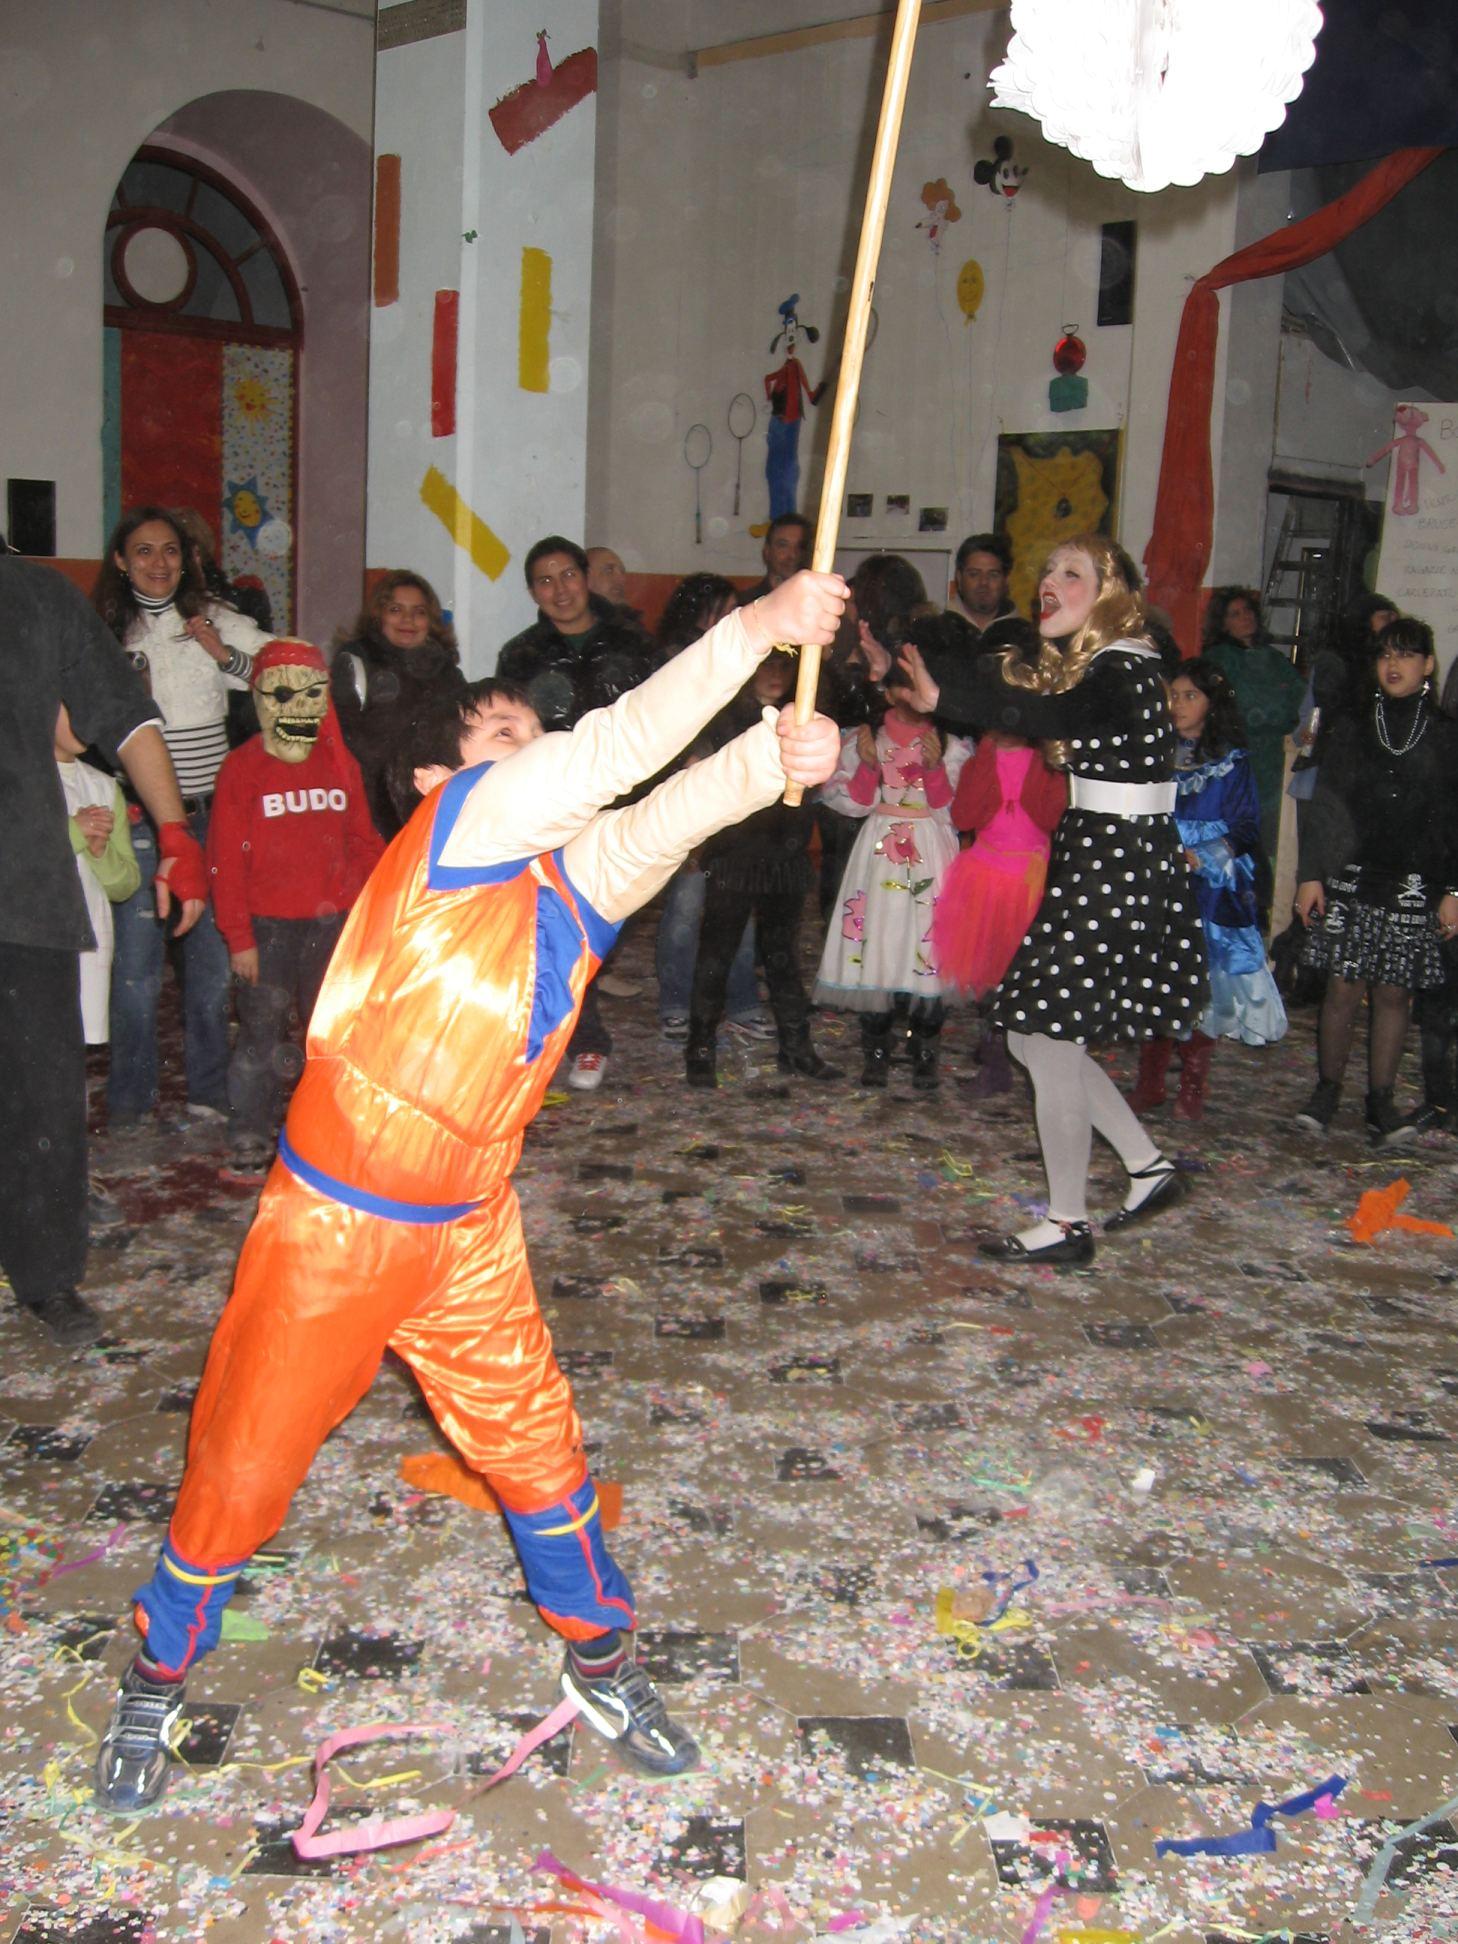 Pentolaccia-2010-02-14--17.47.33